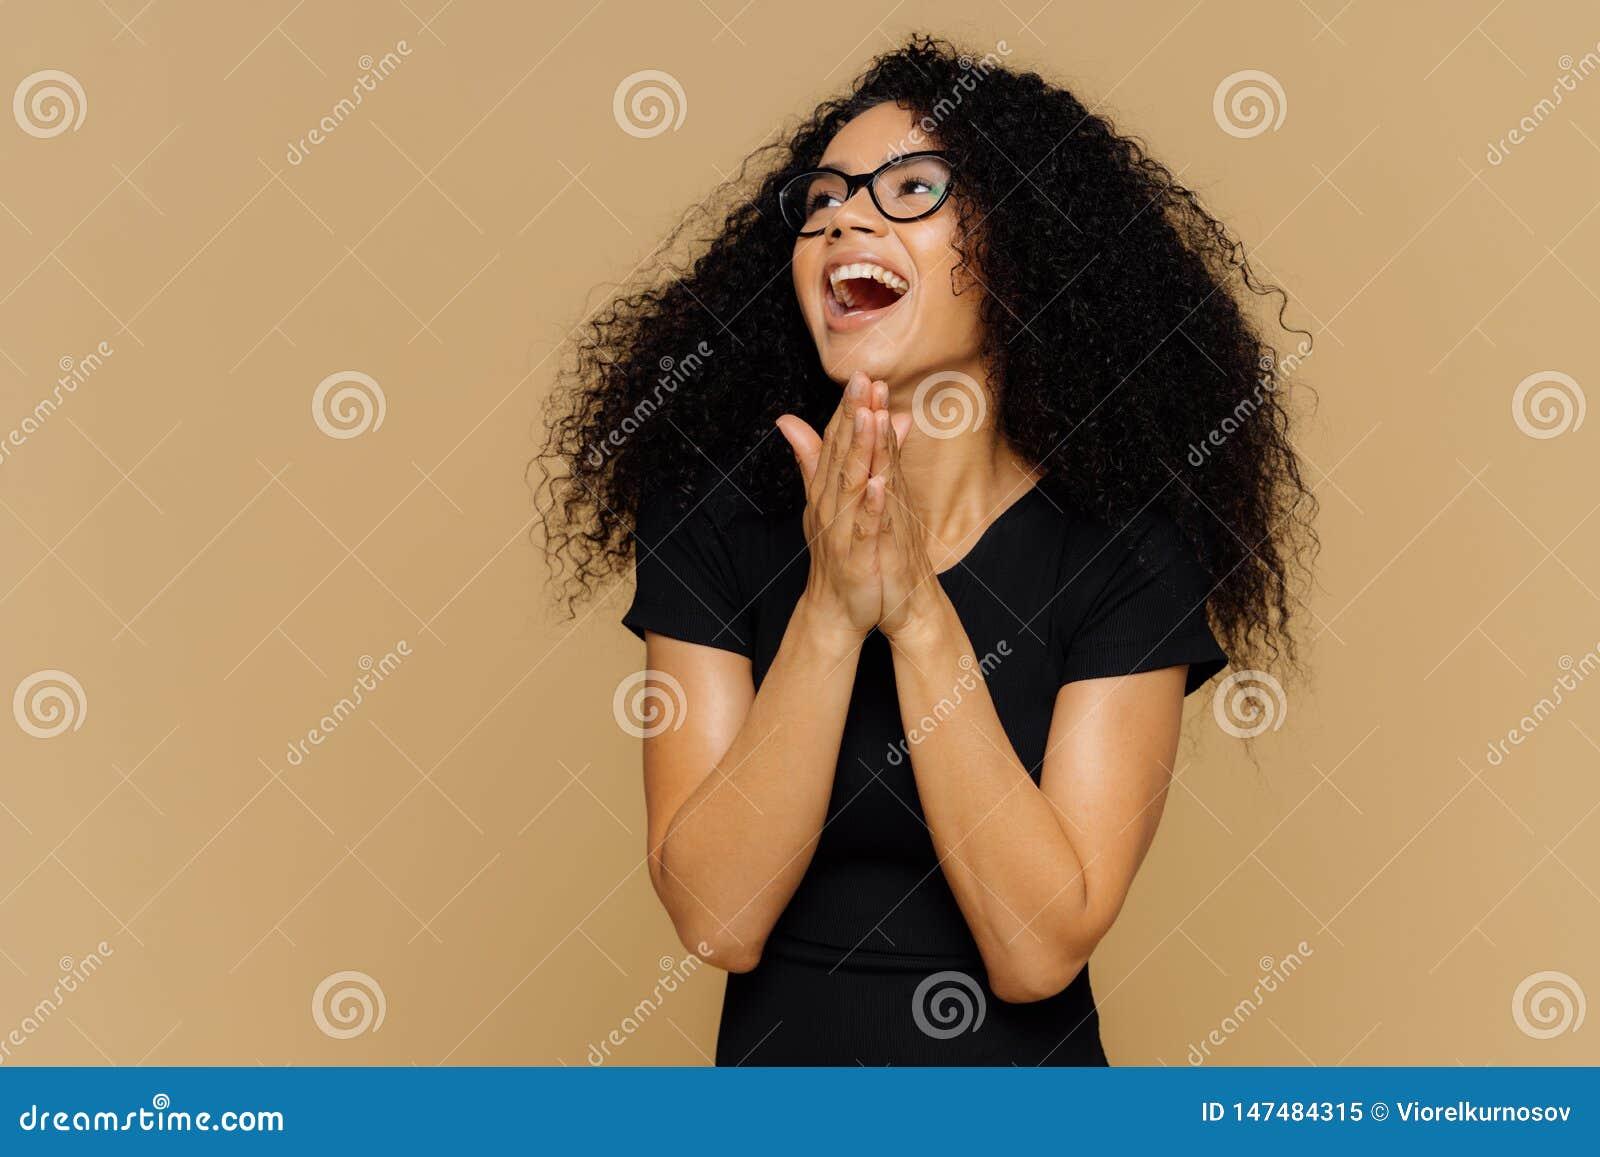 Οι ενθουσιασμένες όμορφες αγκράφες γυναικών δίνουν, γελούν χαρωπά, κοιτάζουν μακριά, κατά μέρος, εκφράζουν την ευτυχία, έχουν τη